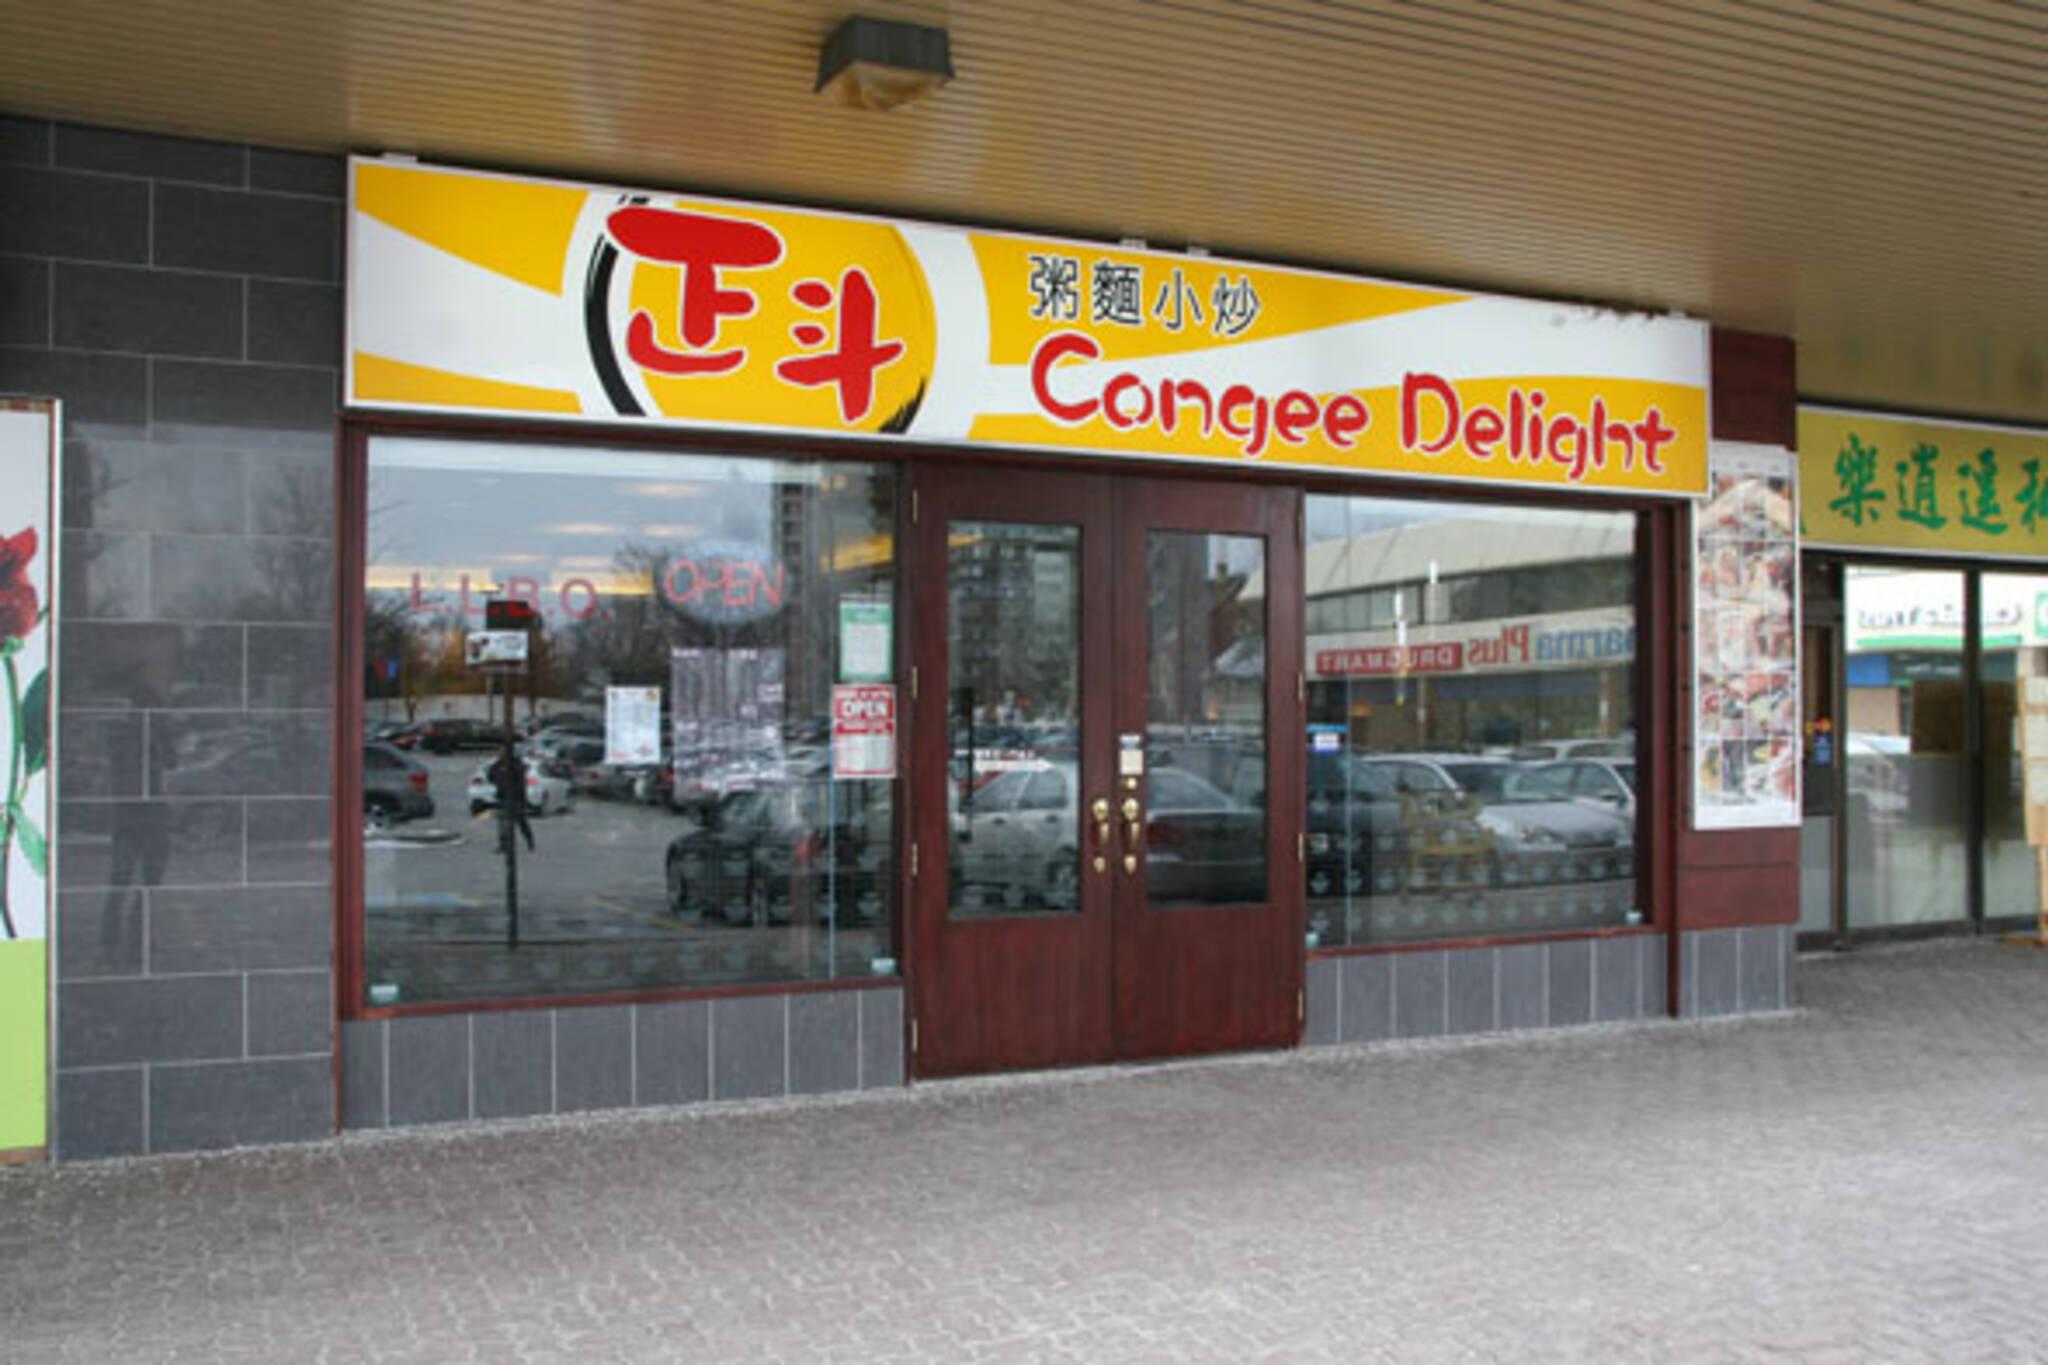 Congee Delight